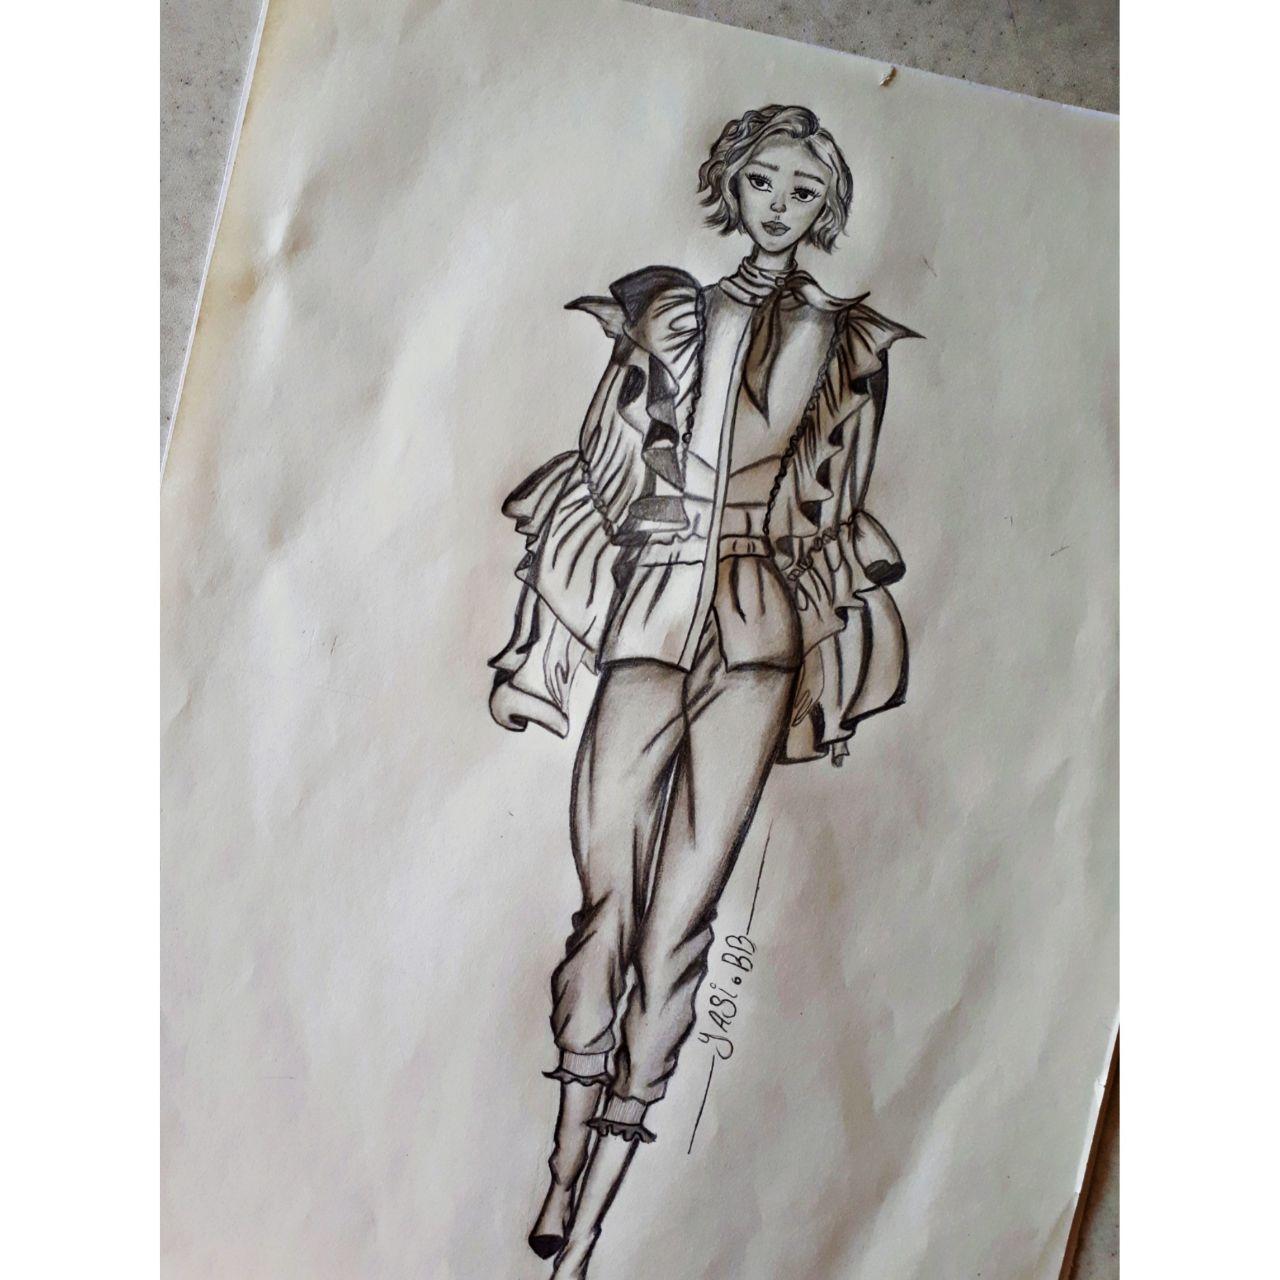 نمونه کار دانشجو آموزشگاه پیشکسوتان - محدثه کریمی -لباس شیک